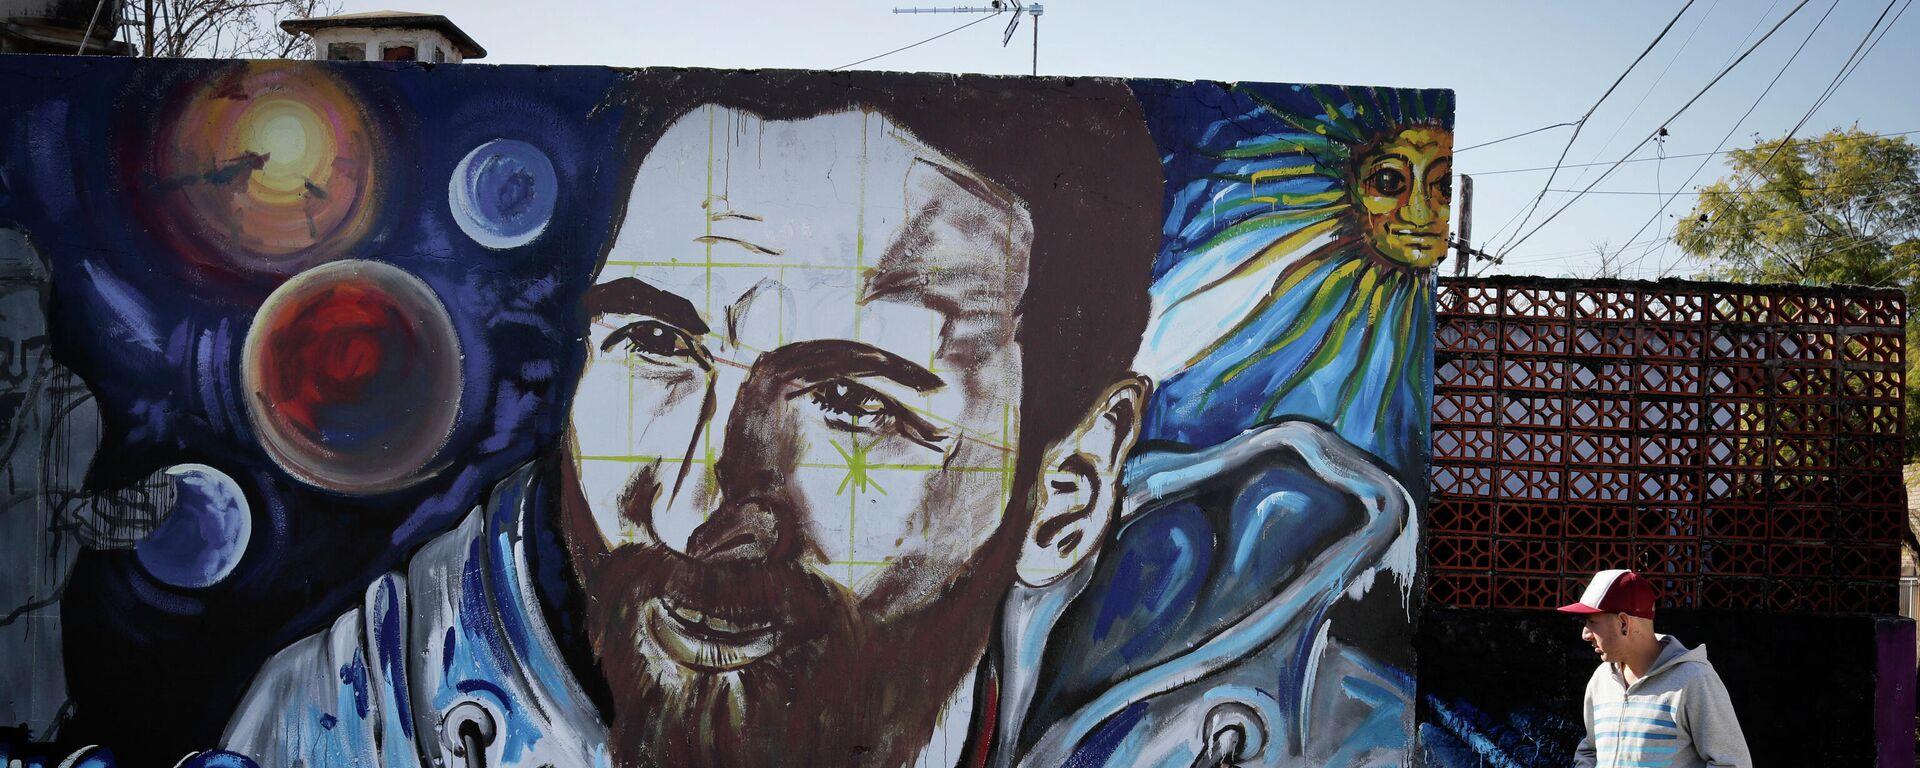 Un mural con el rostro de Lionel Messi en la ciudad argentina de Rosario - Sputnik Mundo, 1920, 10.09.2021